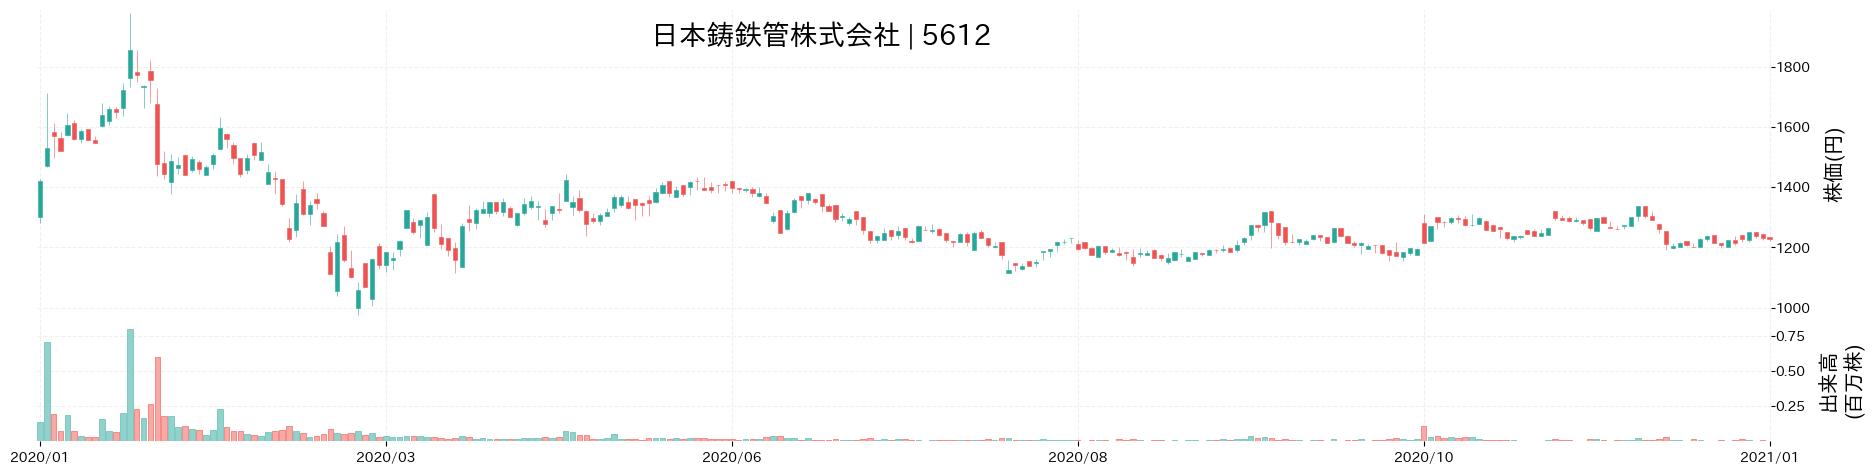 日本鋳鉄管株式会社の株価推移(2020)